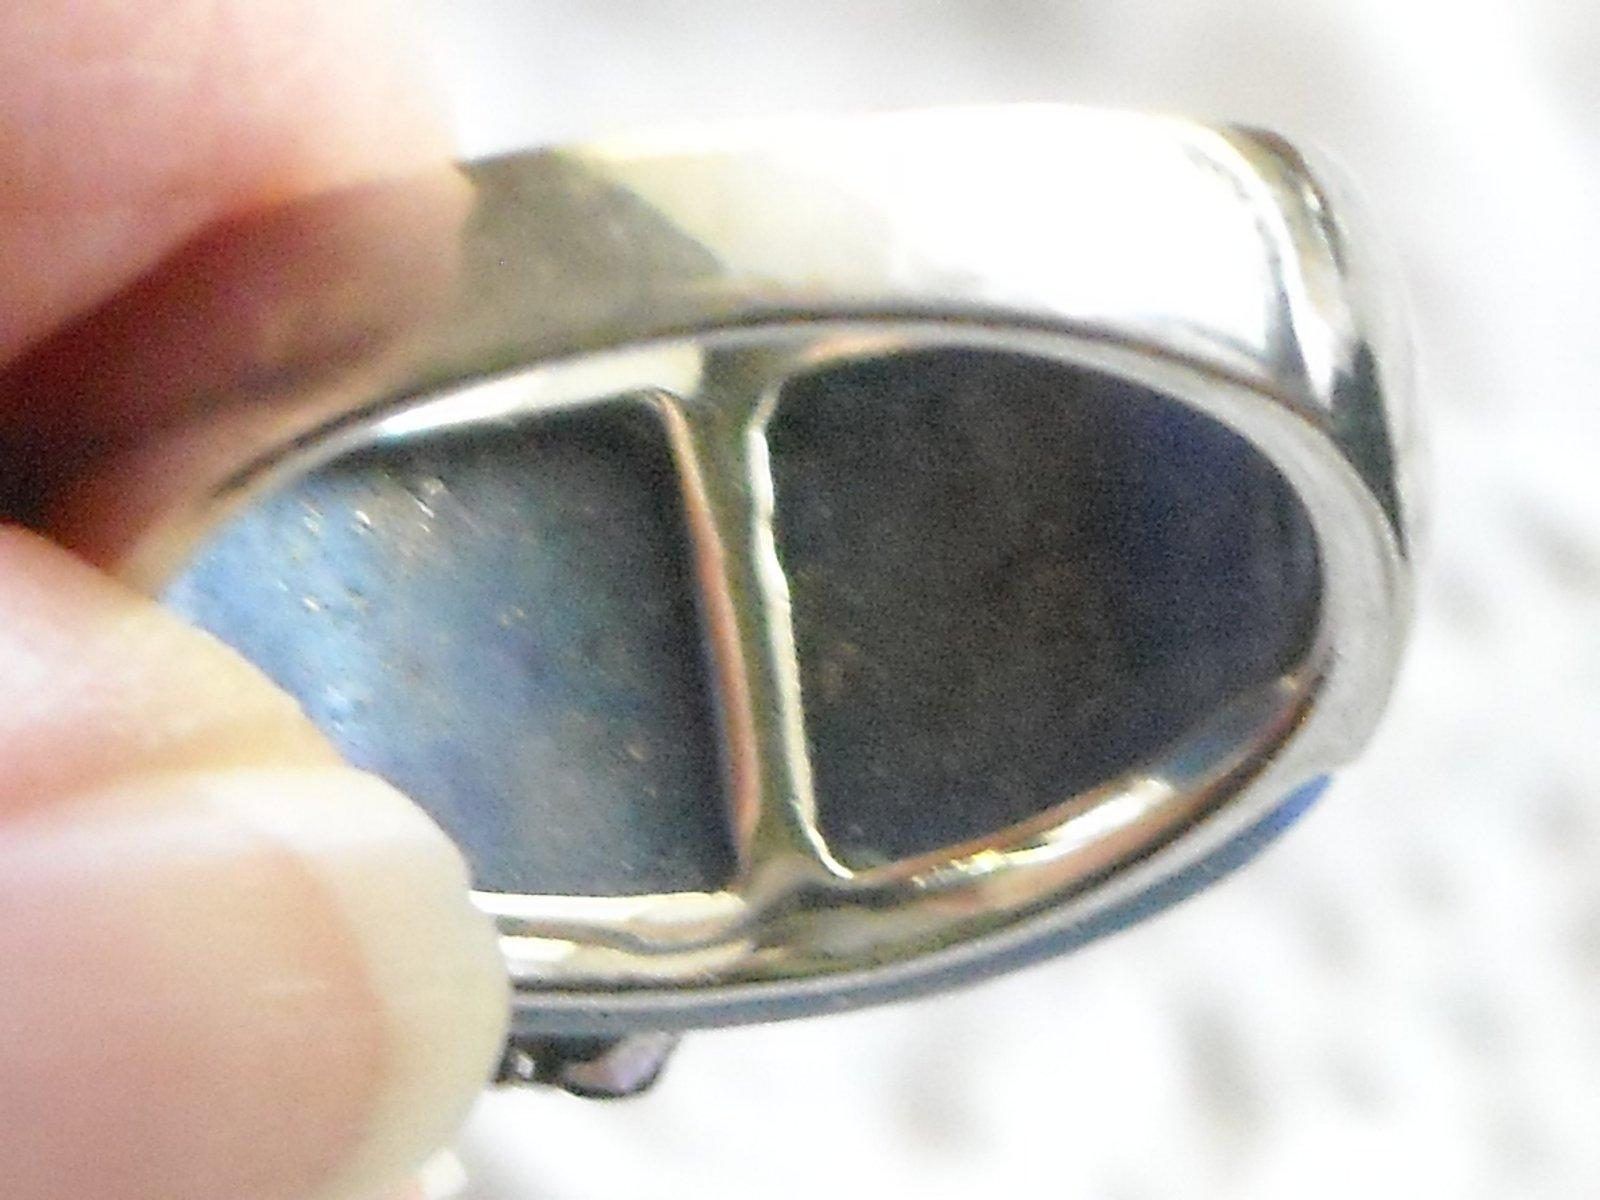 Vintage Sterling Ring Inlaid Laips Lazuli & Gemstones Set In Sterling Flowers 9 image 4